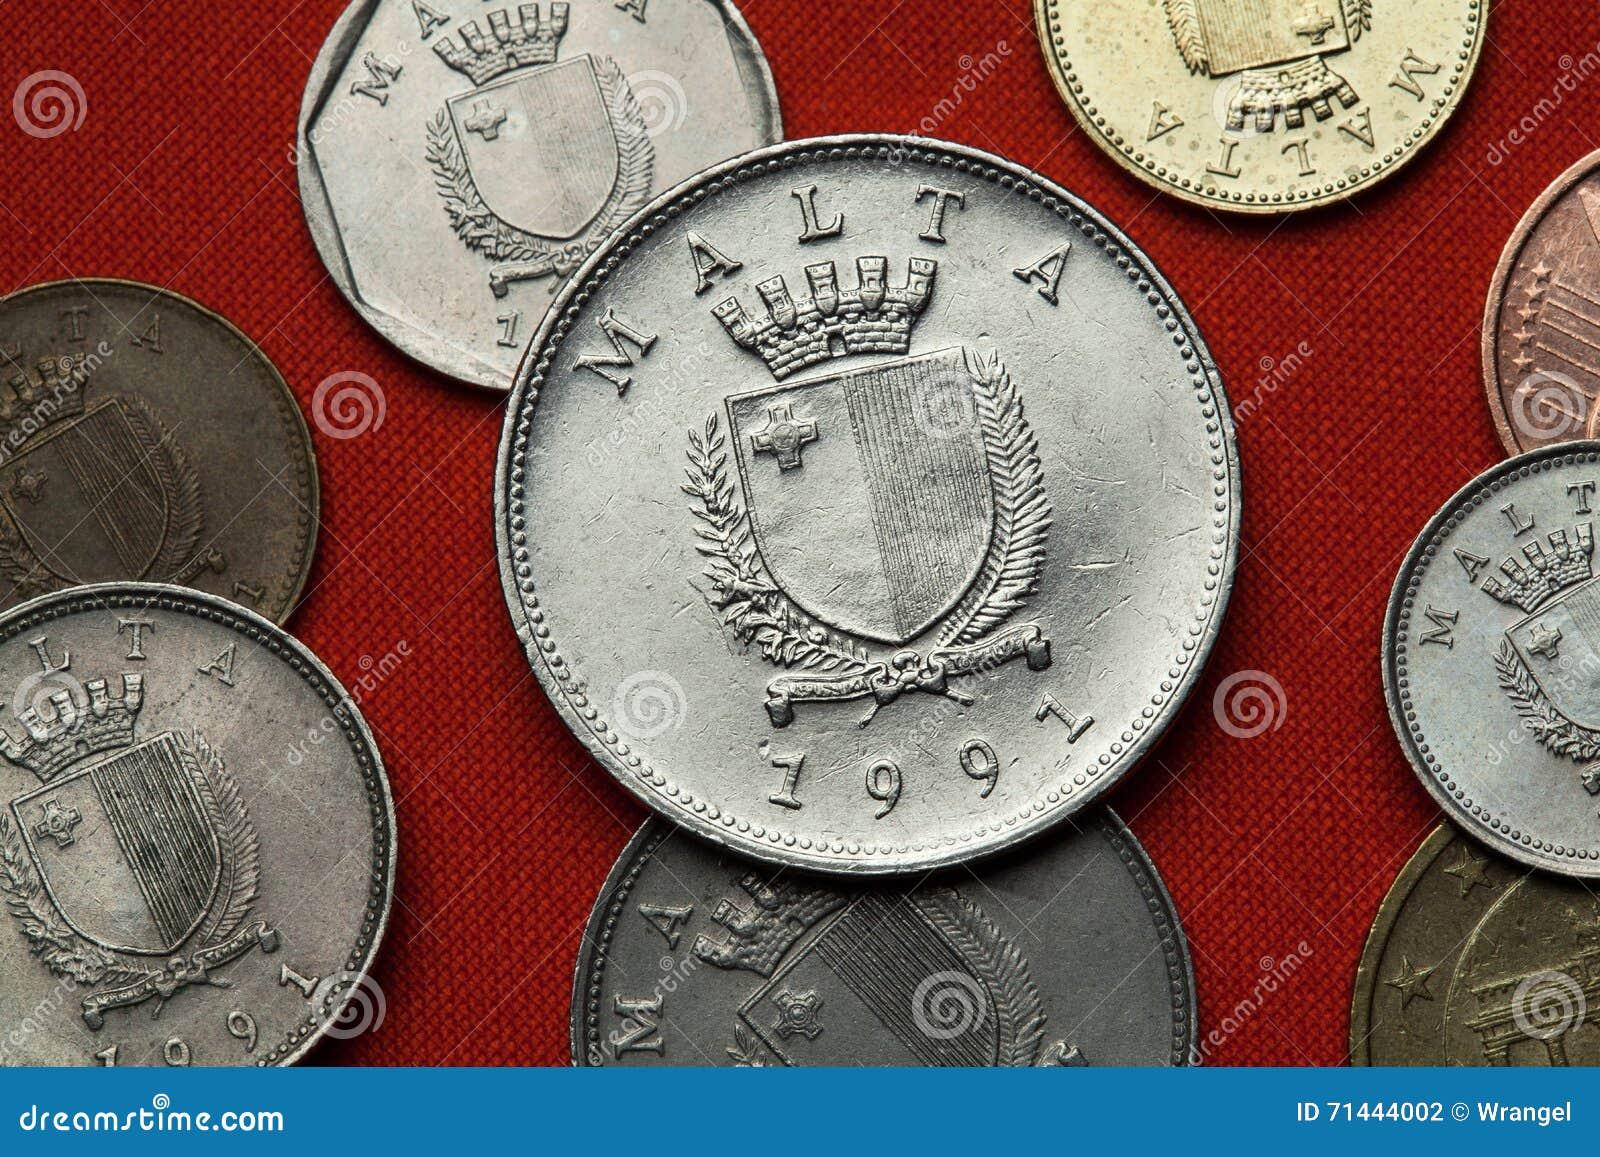 Münzen Von Malta Stockfoto Bild Von Metall Prägung 71444002